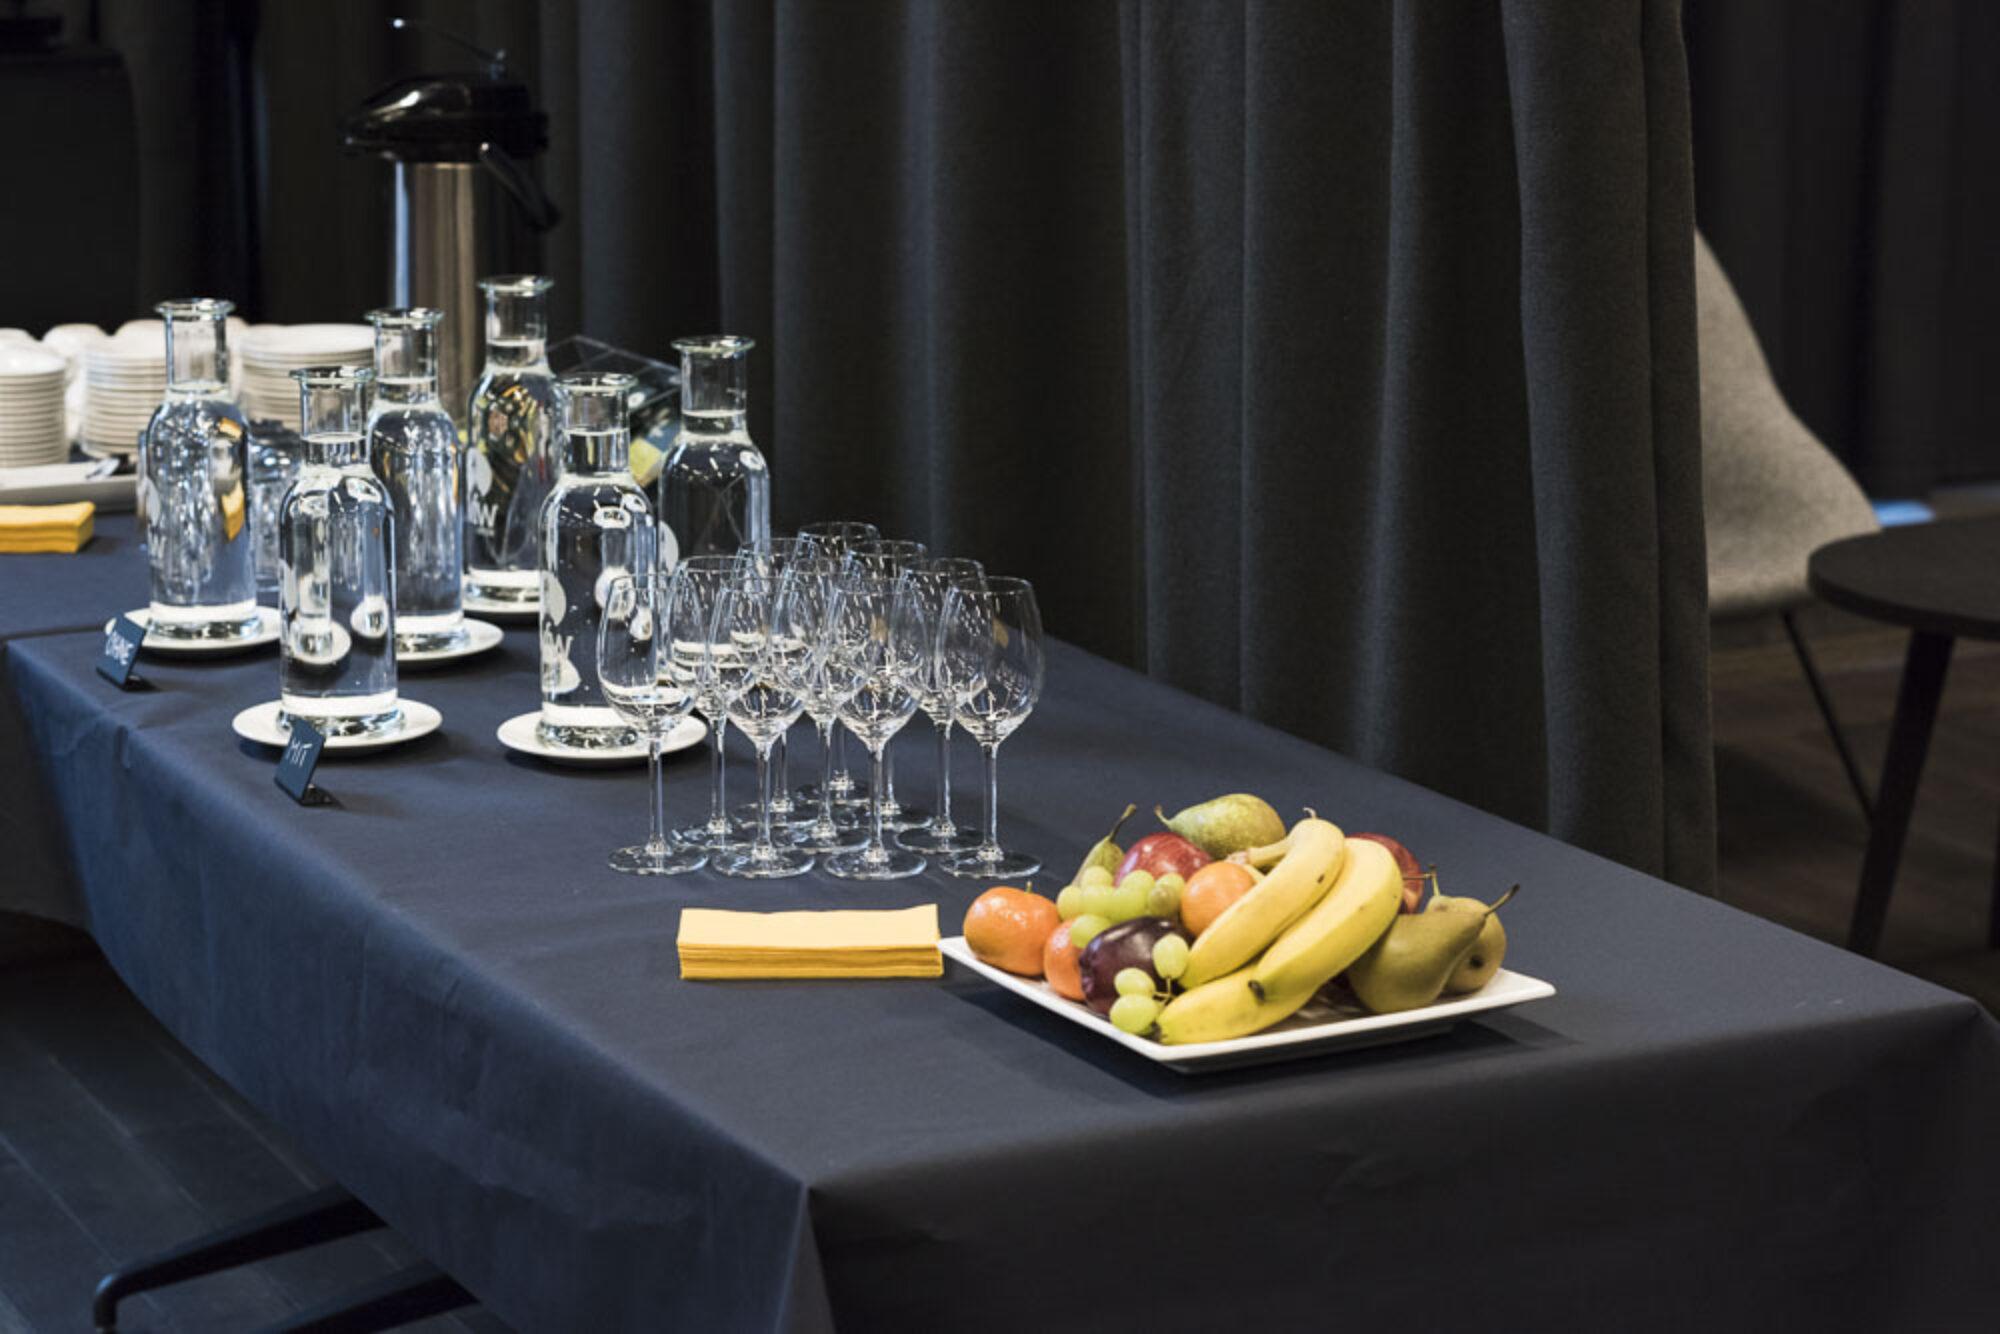 Tisch mit Früchten, Gläsern und Wasserkaraffen auf blauem Tisch.